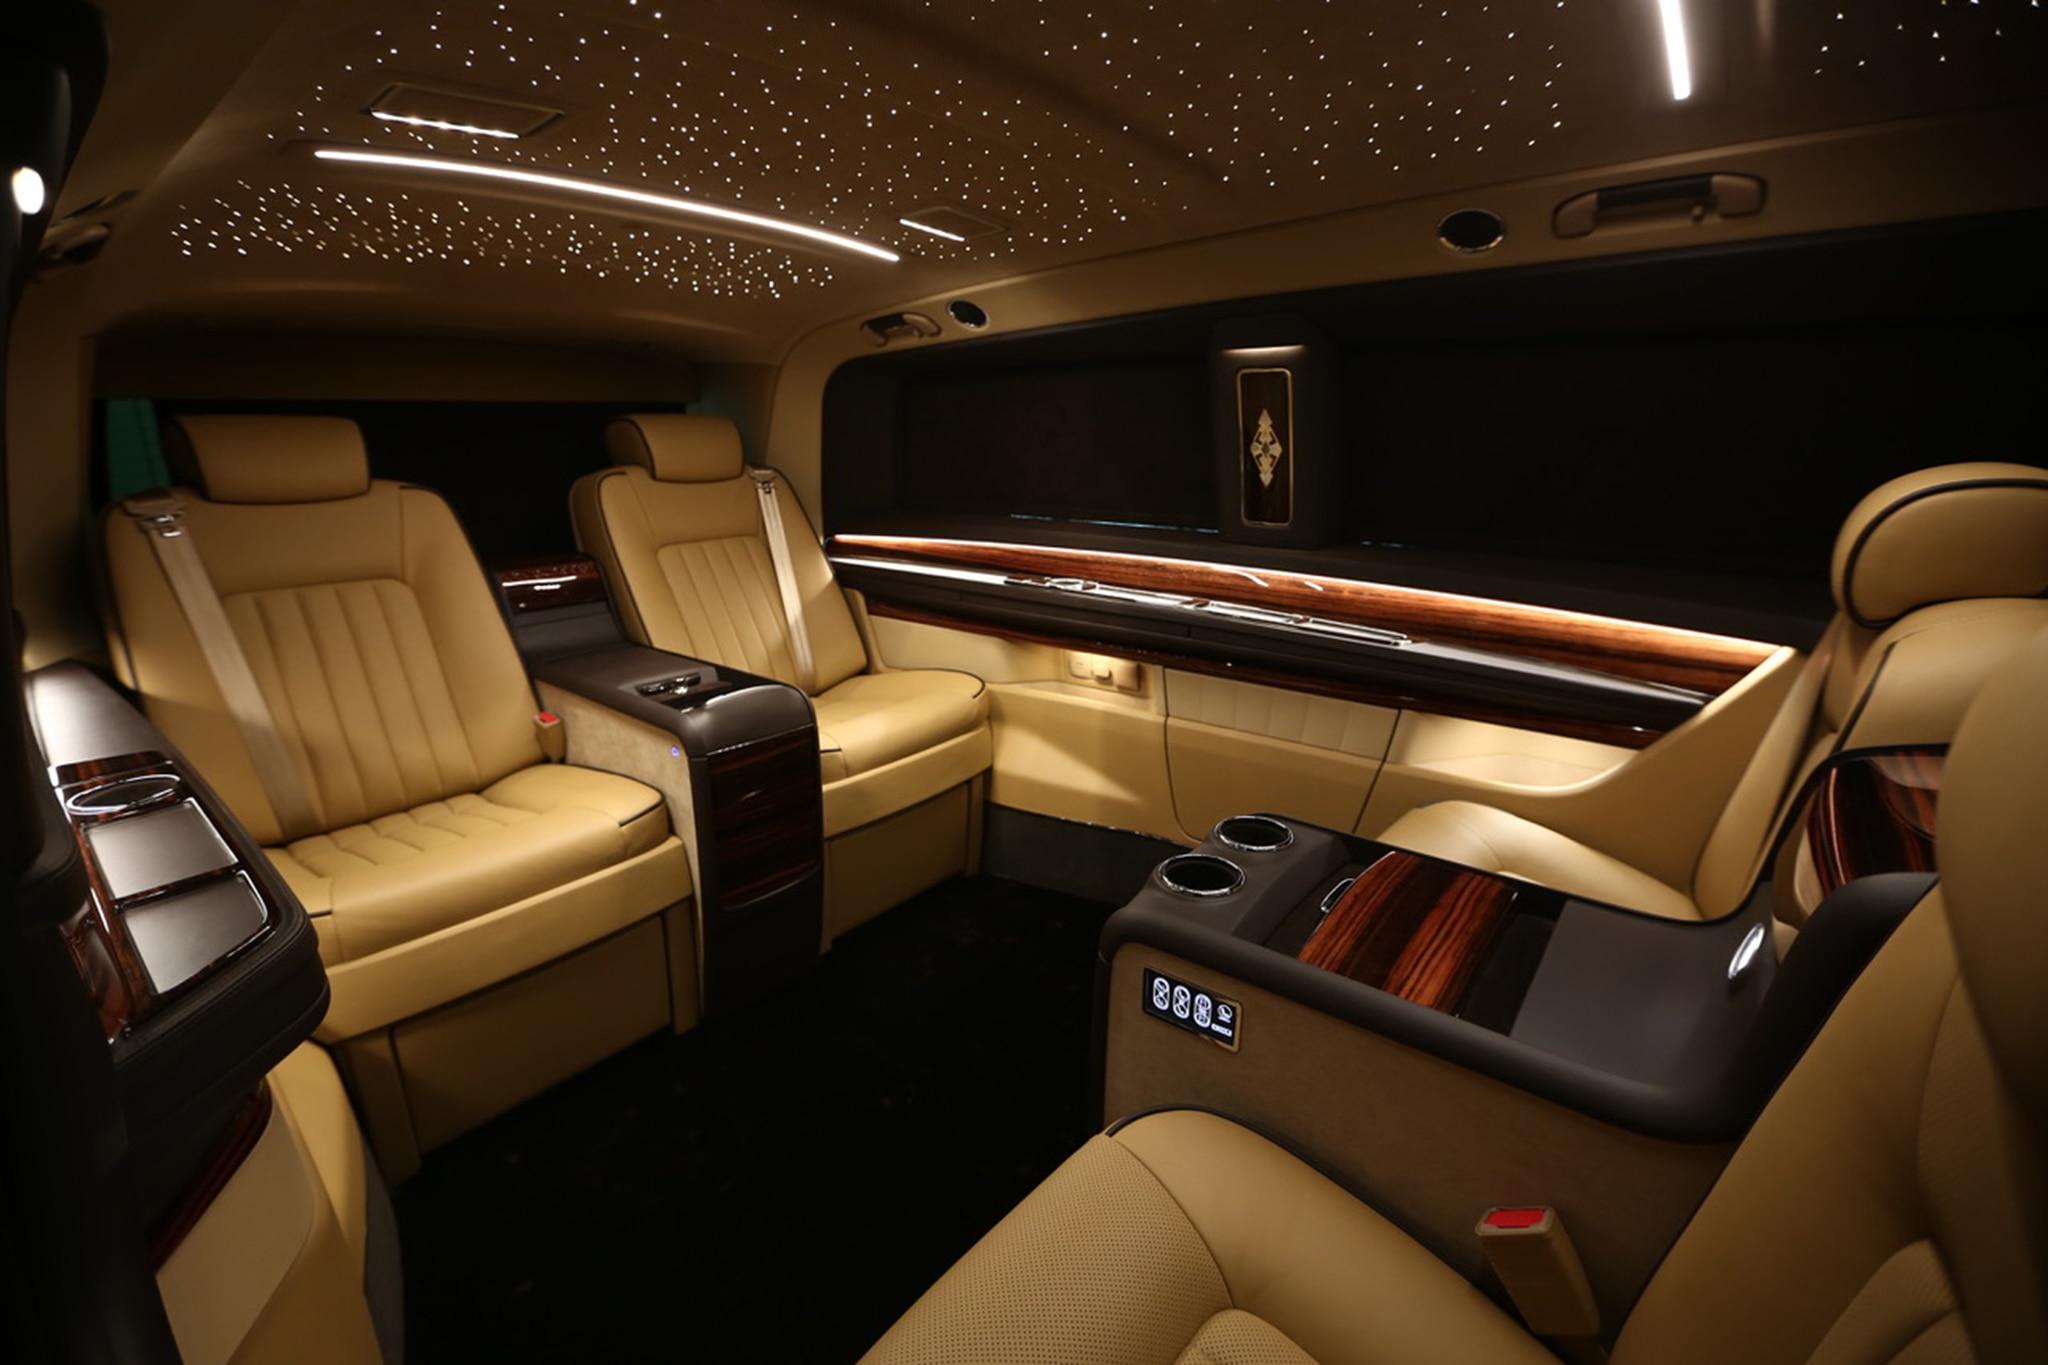 Okcu Elegance Edition V Class Interior